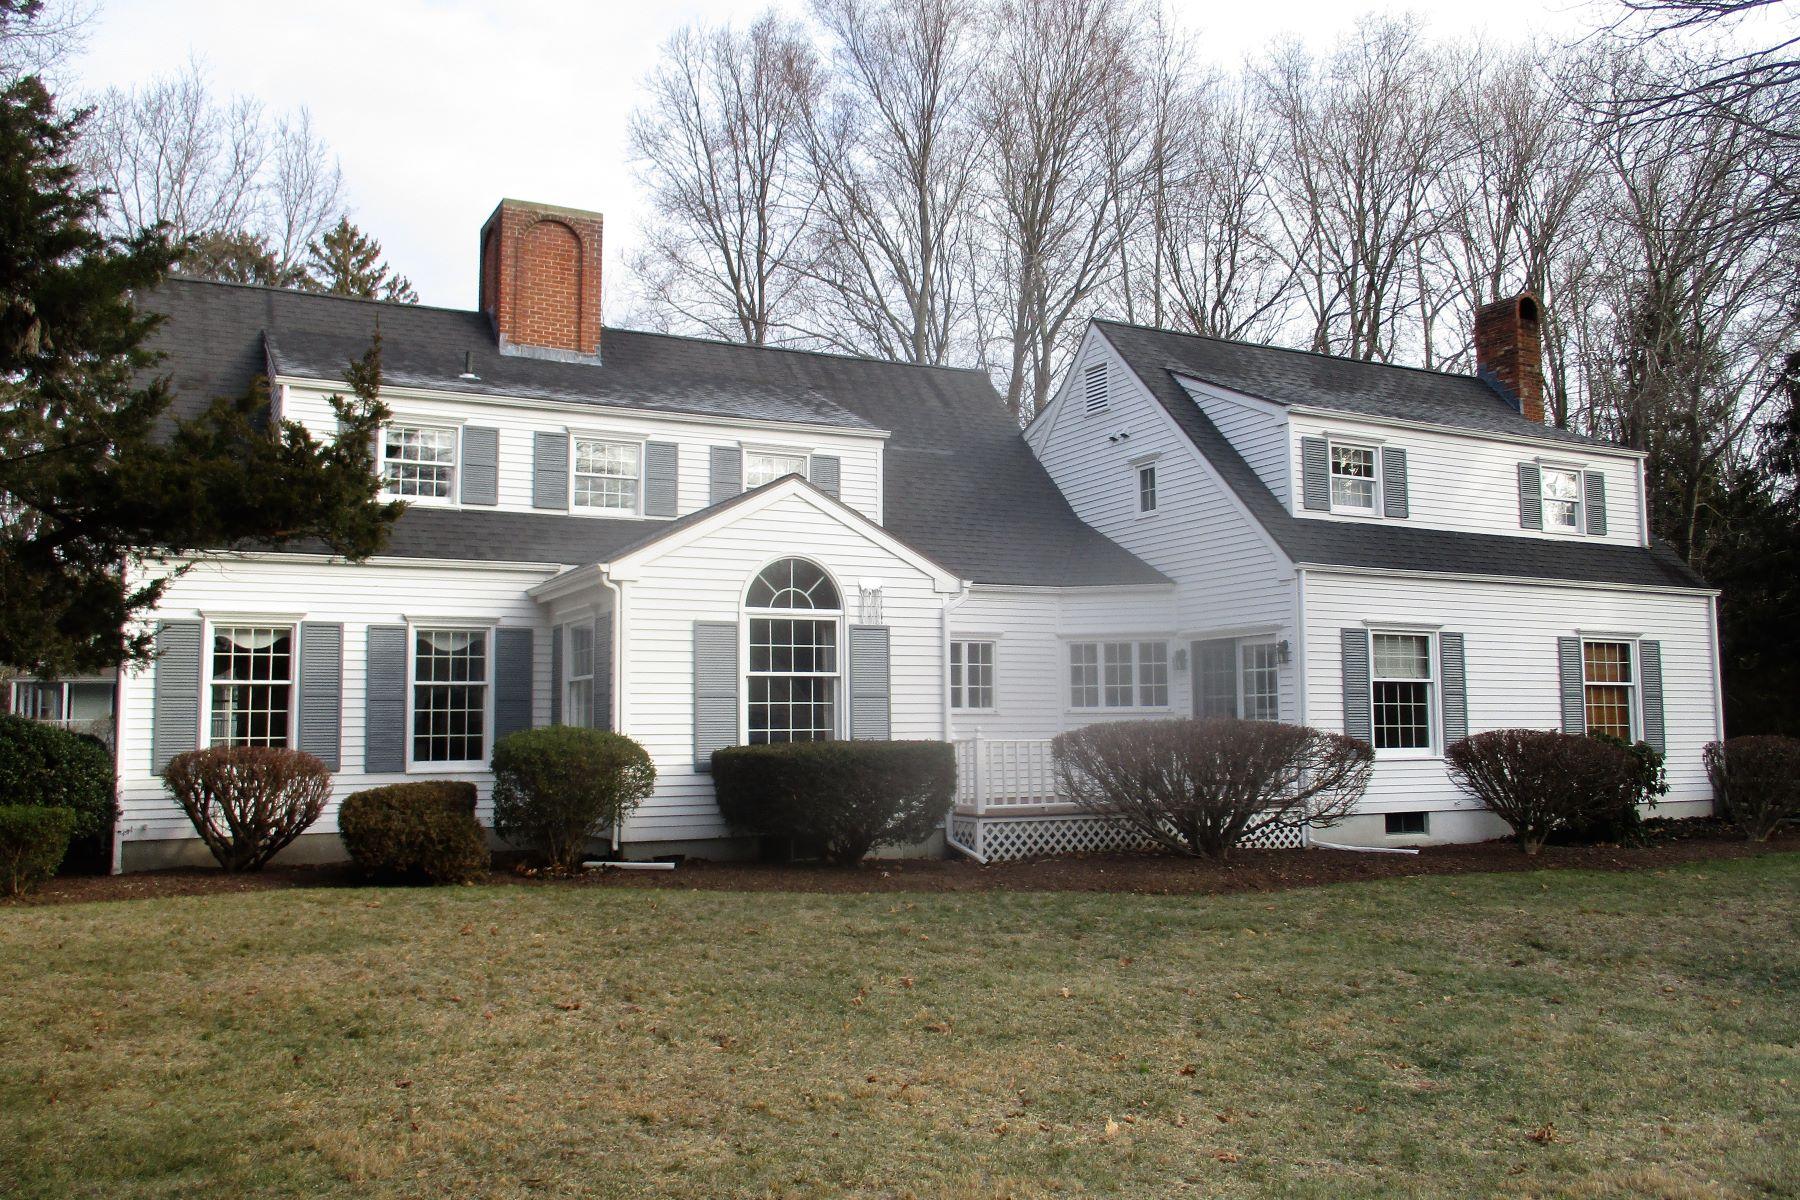 Частный односемейный дом для того Продажа на 75 Island Avenue Madison, Коннектикут, 06443 Соединенные Штаты